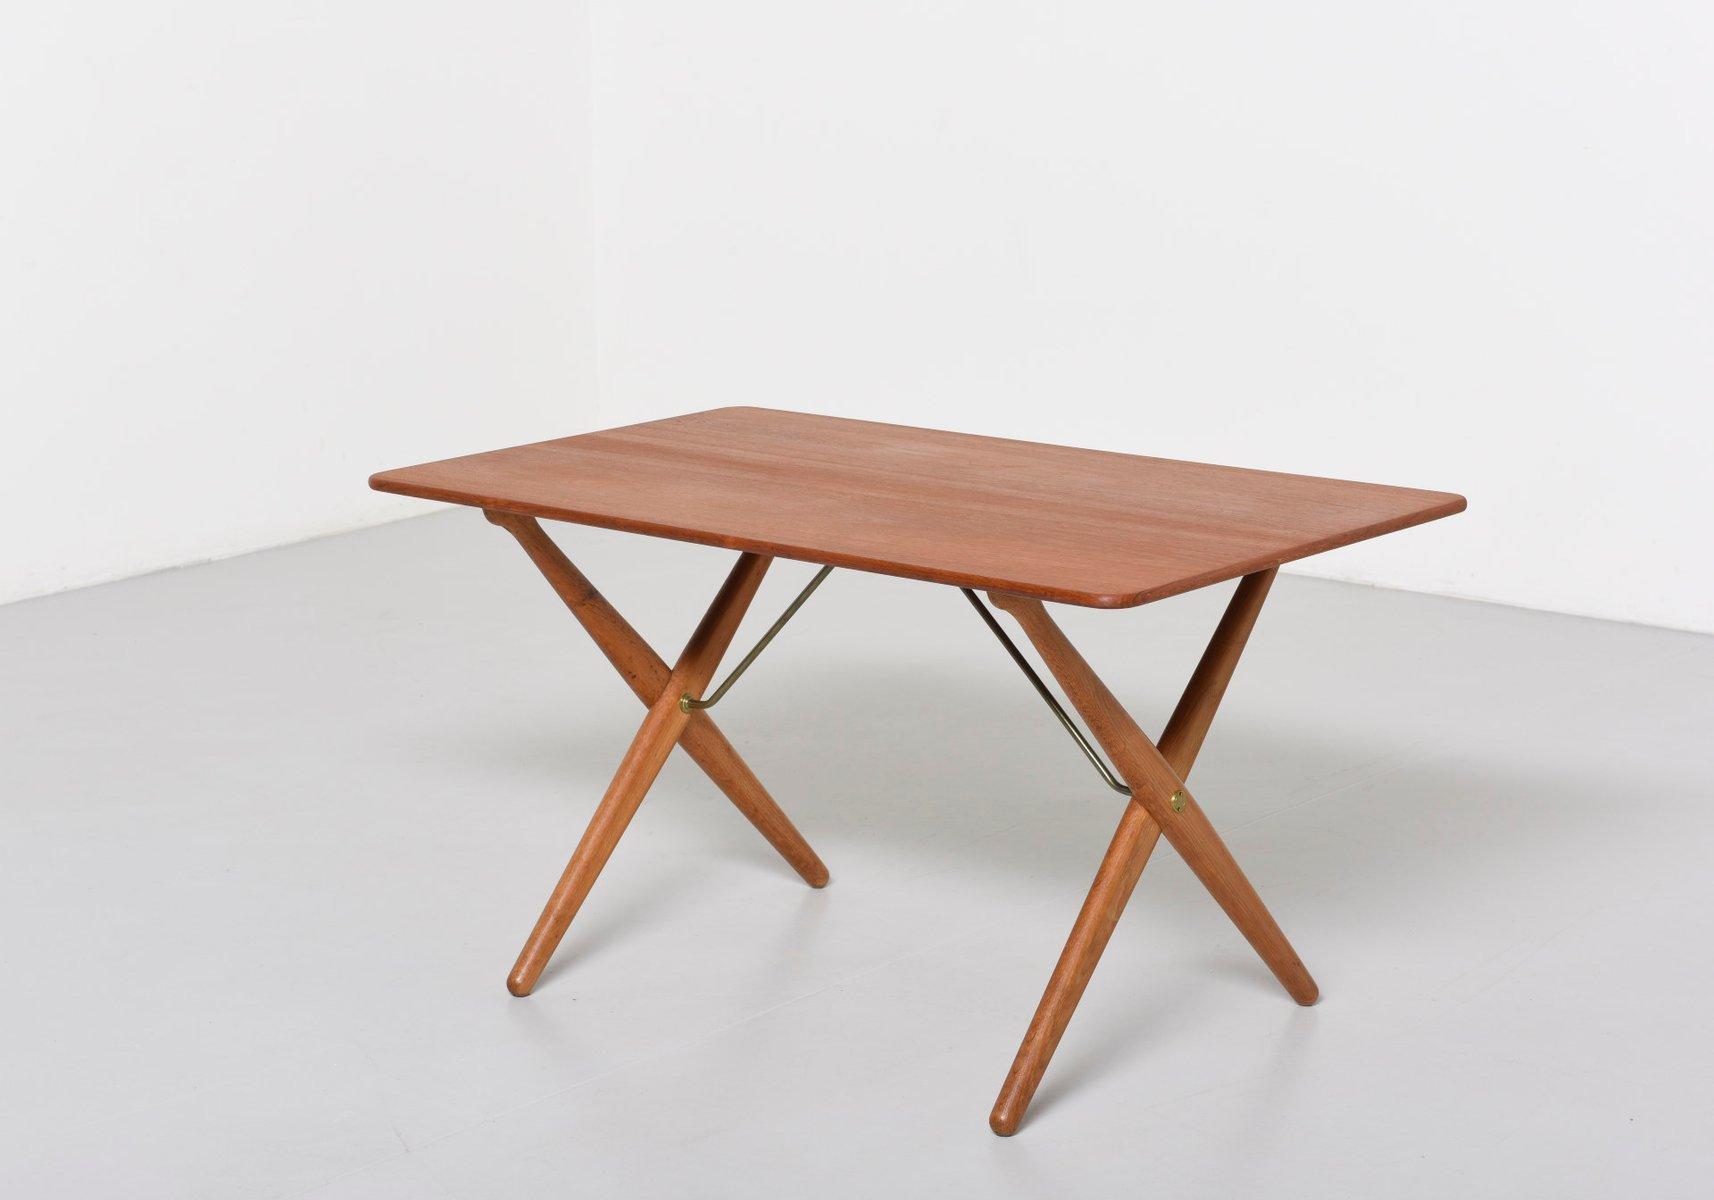 einzigartig pied pour table basse id es de conception de table basse. Black Bedroom Furniture Sets. Home Design Ideas